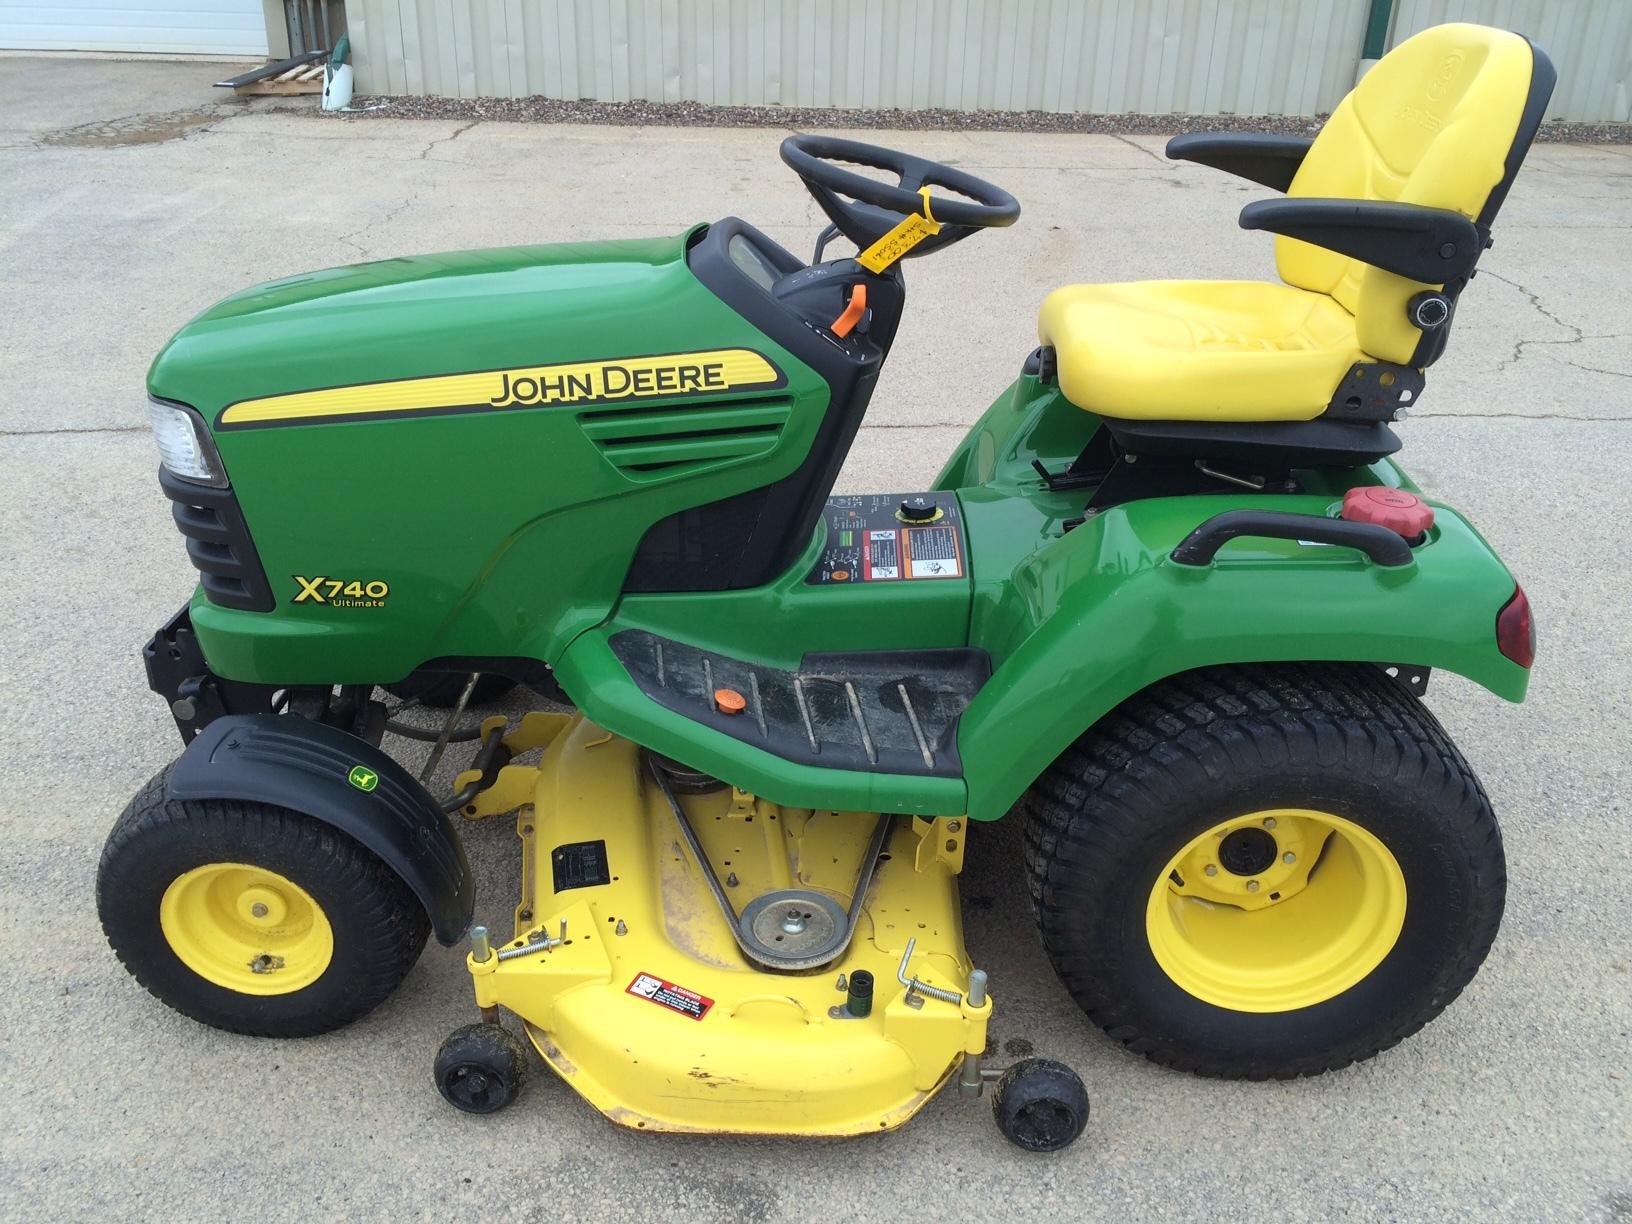 John Deere X740 Lawn & Garden Tractors for Sale | [55061]